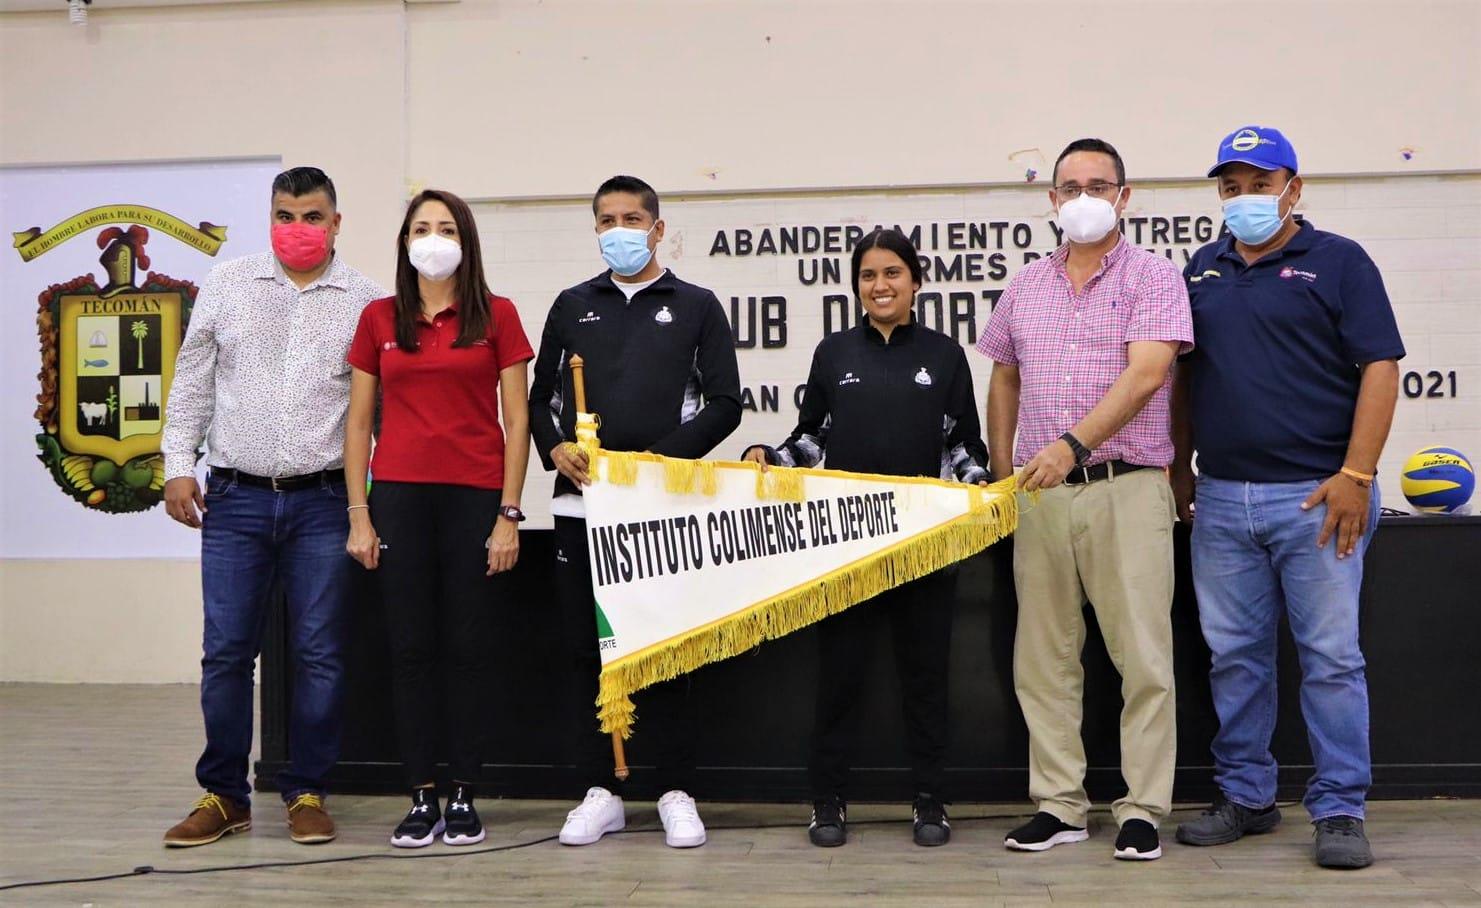 Abanderan y entregan uniformes al Club Deportivo Monarcas